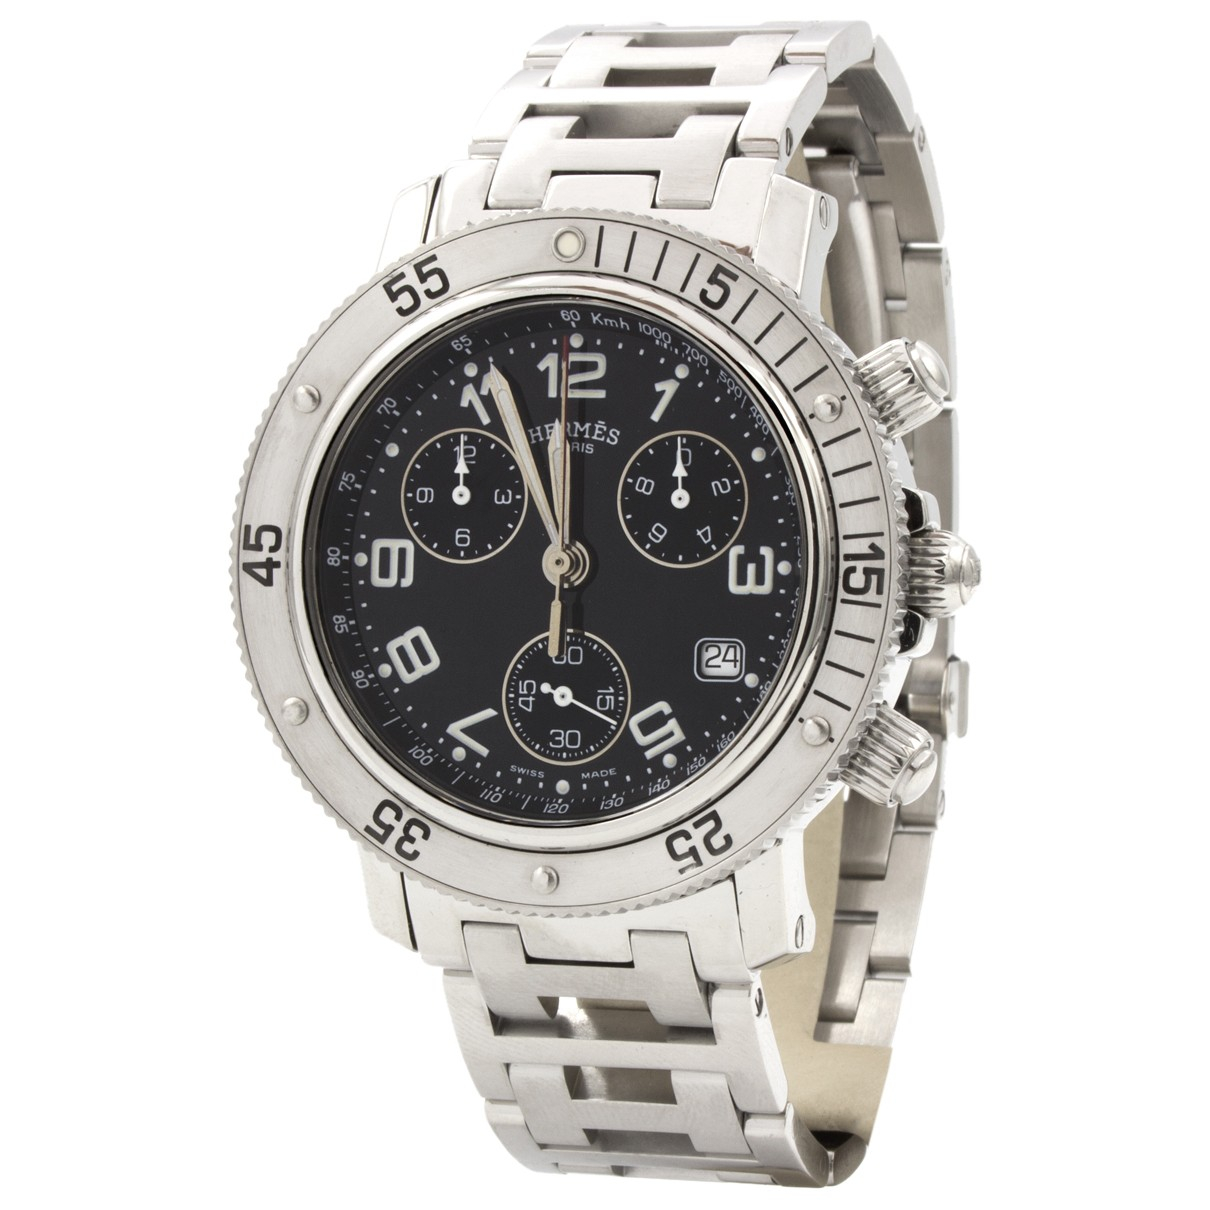 Hermes Clipper Chronographe Uhr in  Silber Stahl